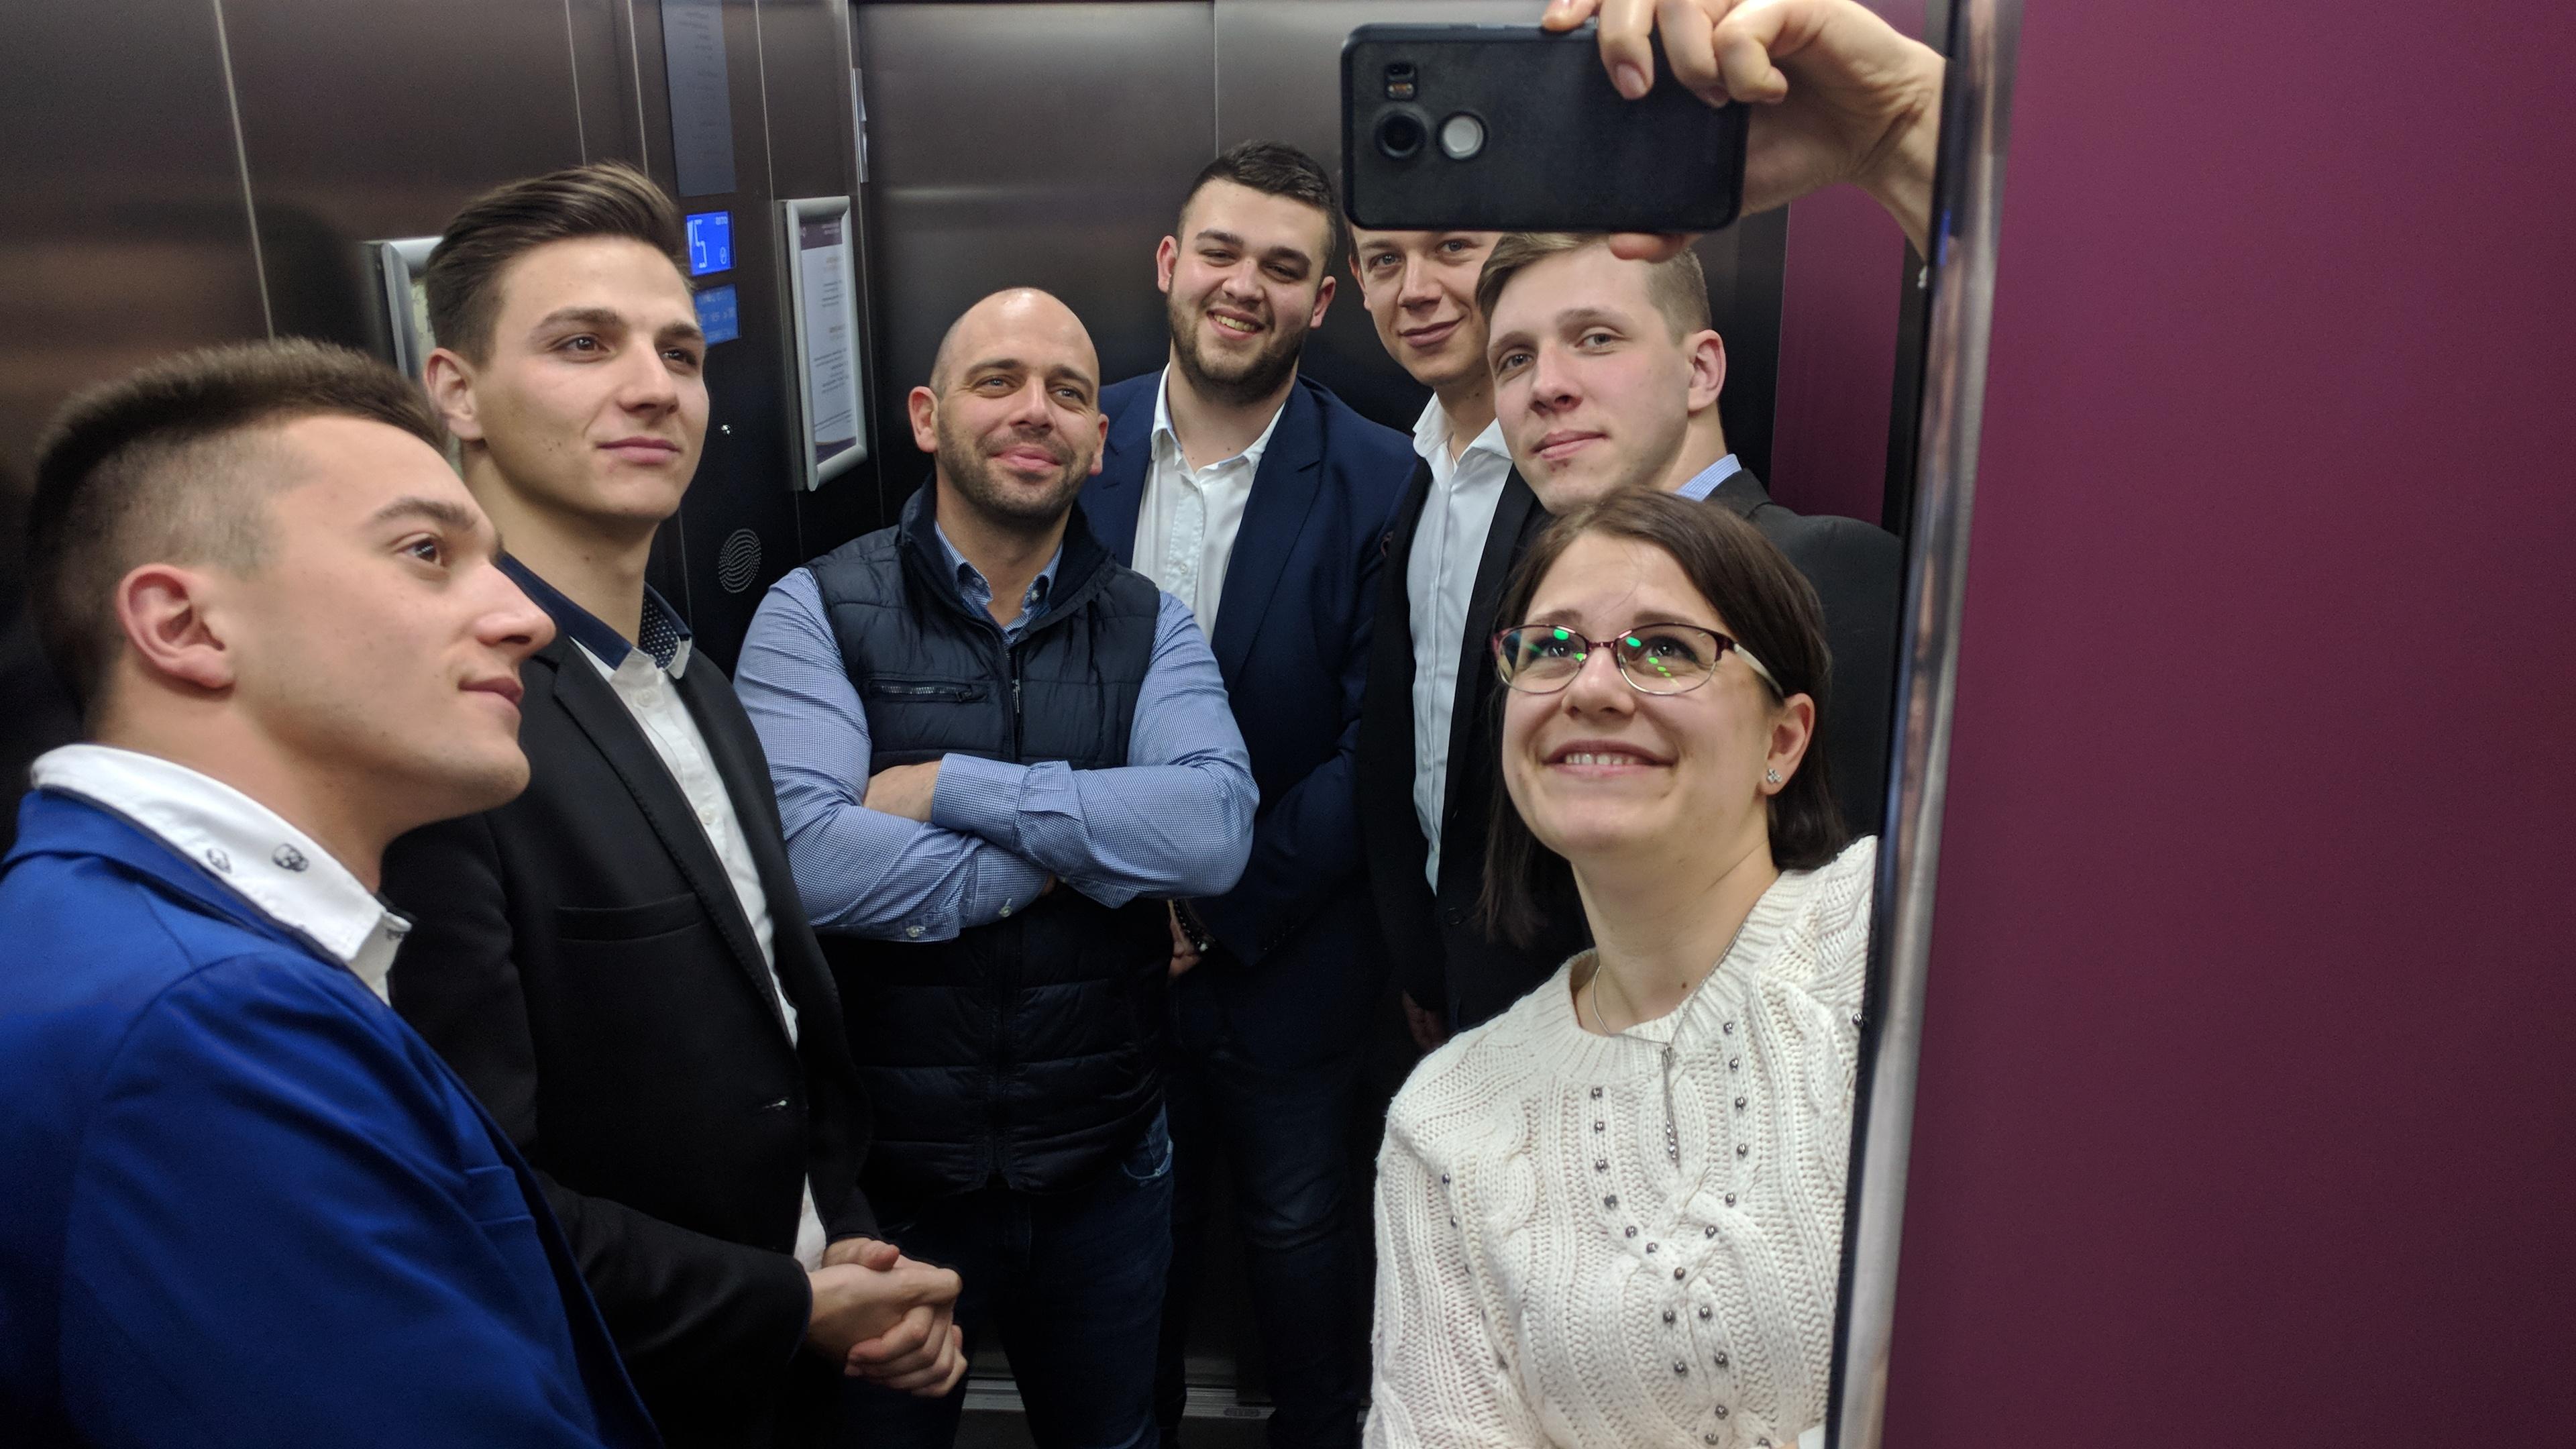 Együtt a csapat kép bejegyzésbe